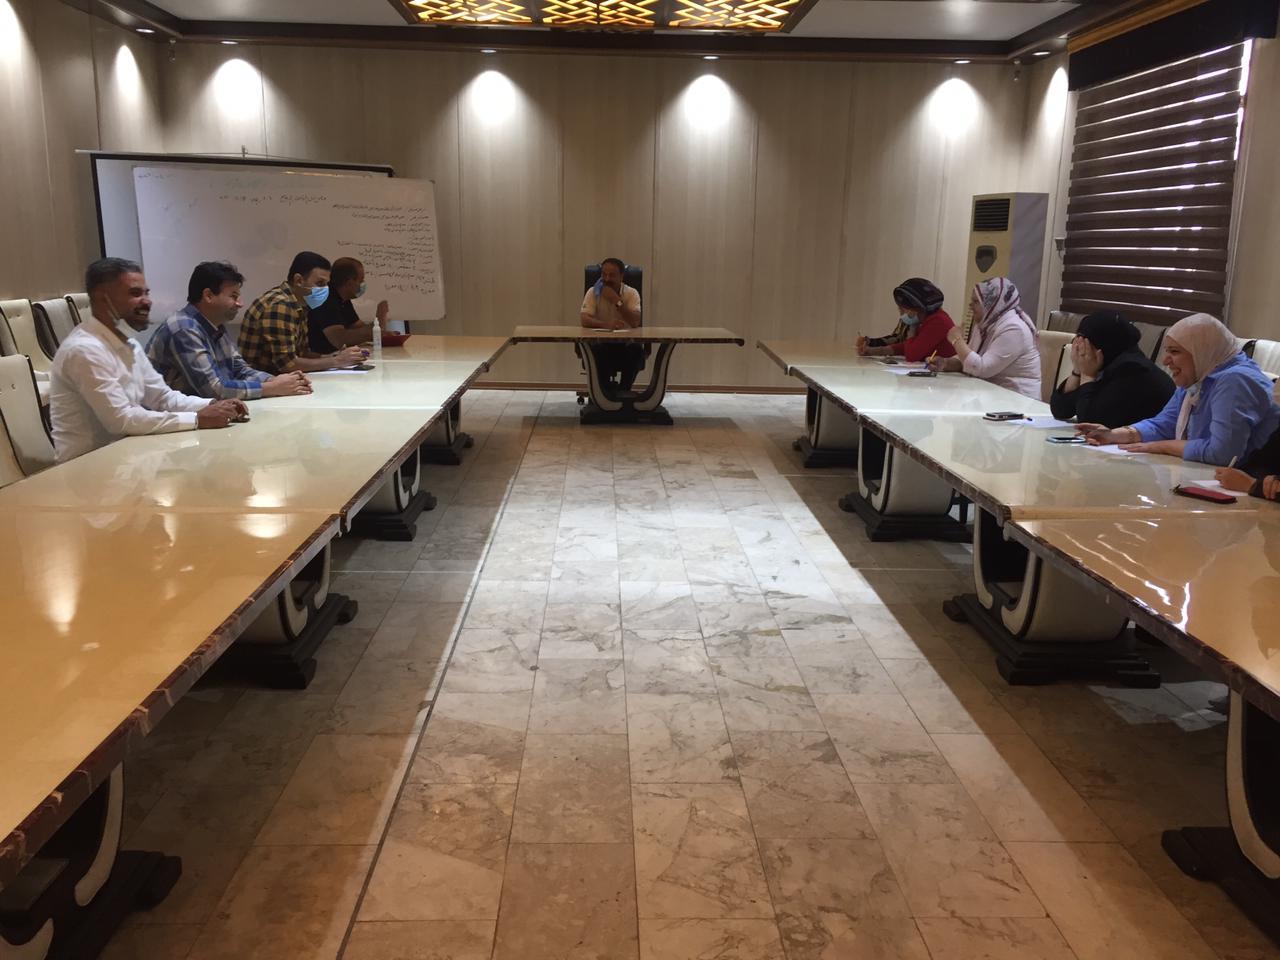 شركة المعارض العراقية تعقد اجتماعا لبحث فعالية التدقيق الداخلي للجودة